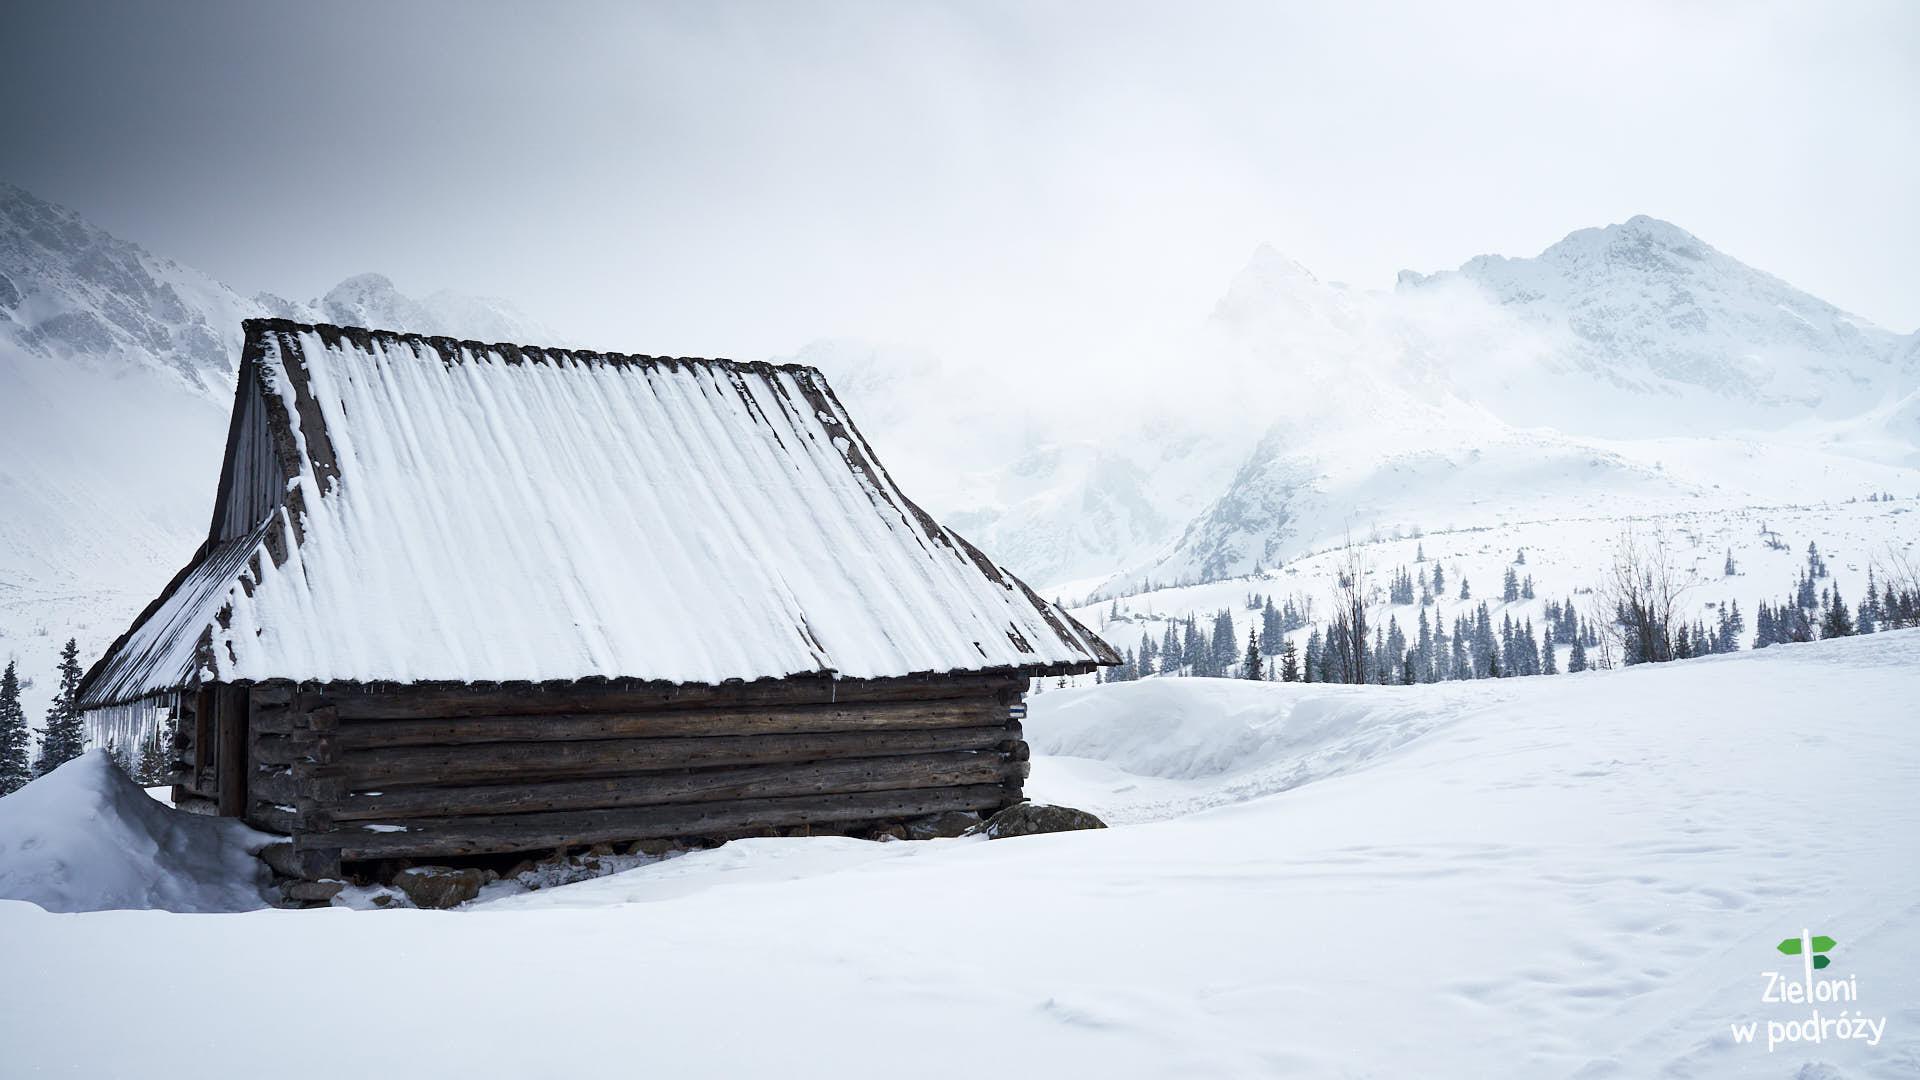 Zimowy klimat w Dolinie Gąsienicowej. Brakuje tylko słońca